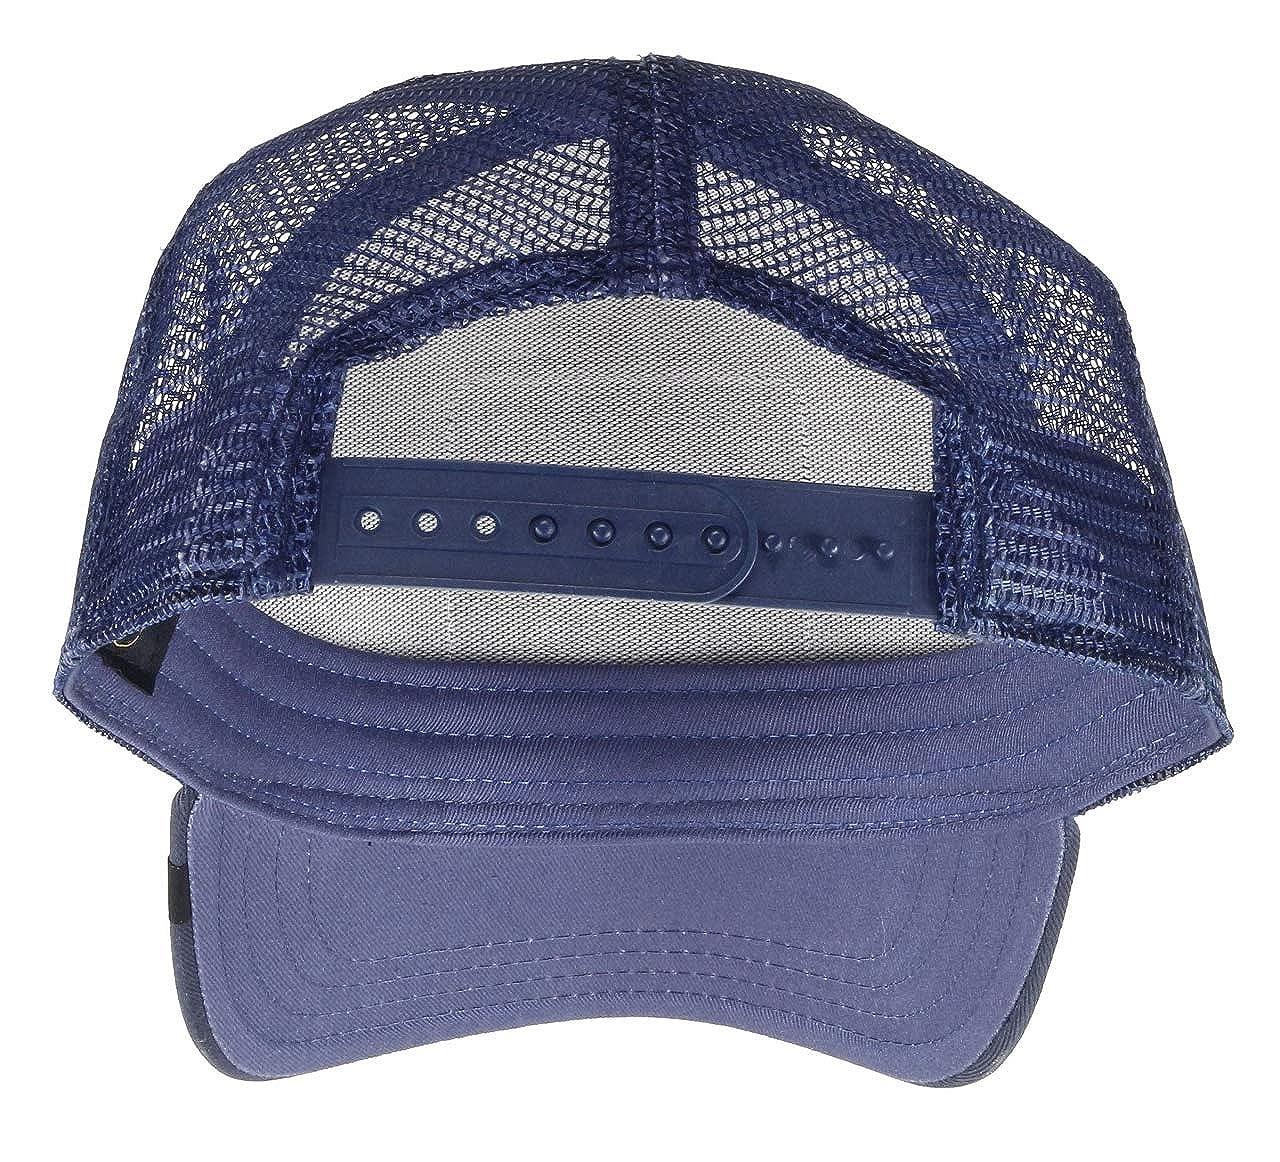 Goorin Bros. - Gorra de béisbol - para Hombre Azul Talla única: Amazon.es: Ropa y accesorios